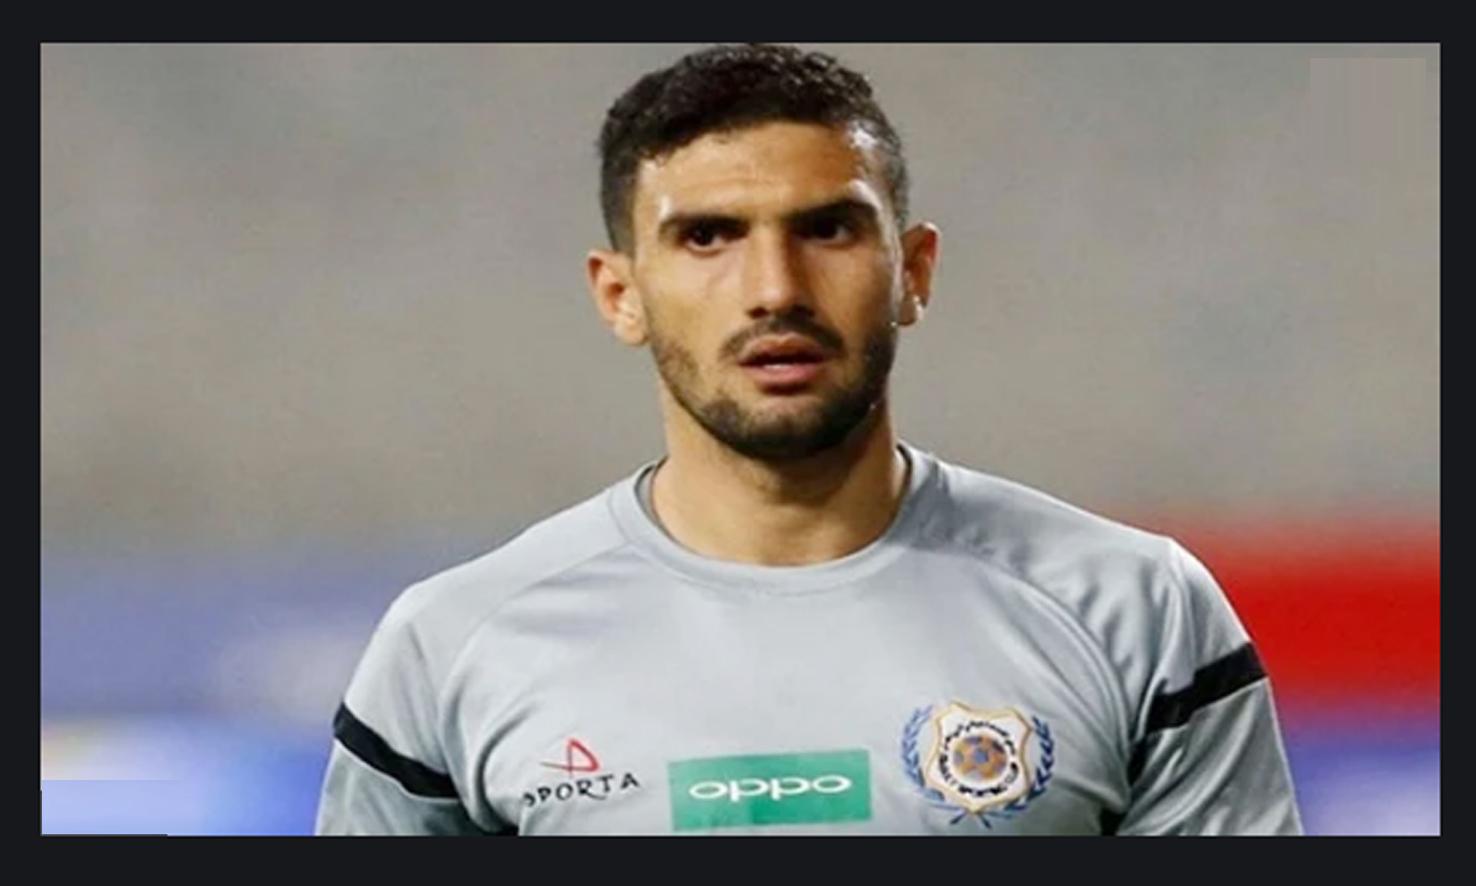 محمد عواد حارس مرمي الزمالك يعلن إصابته بفيروس كورونا